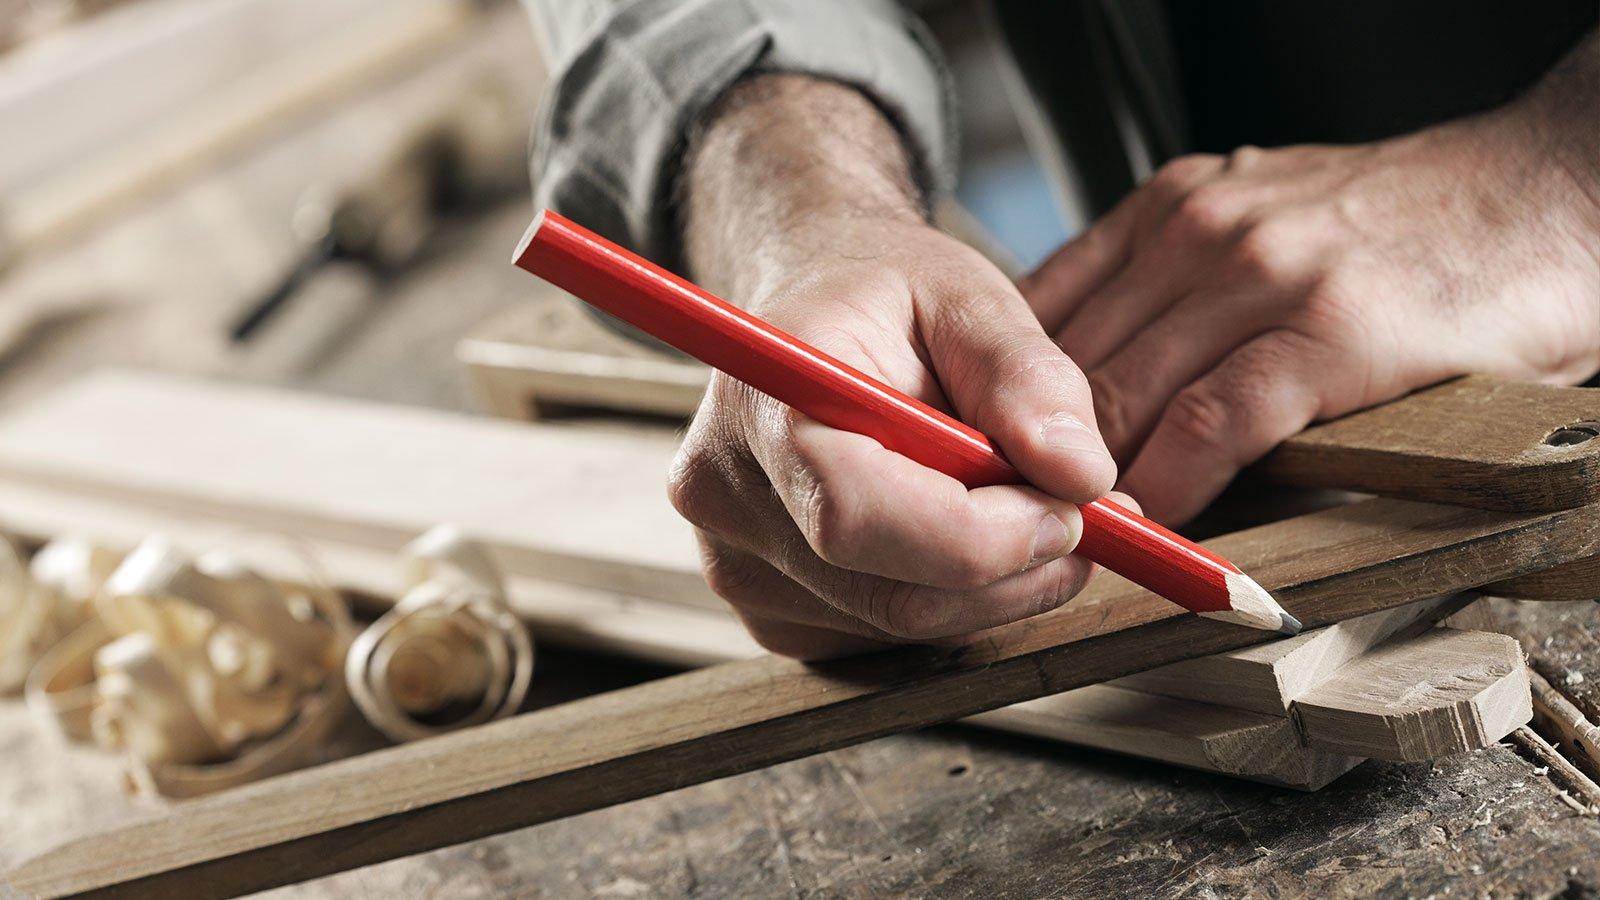 falegname con un righello per disegnare una linea su una tavola